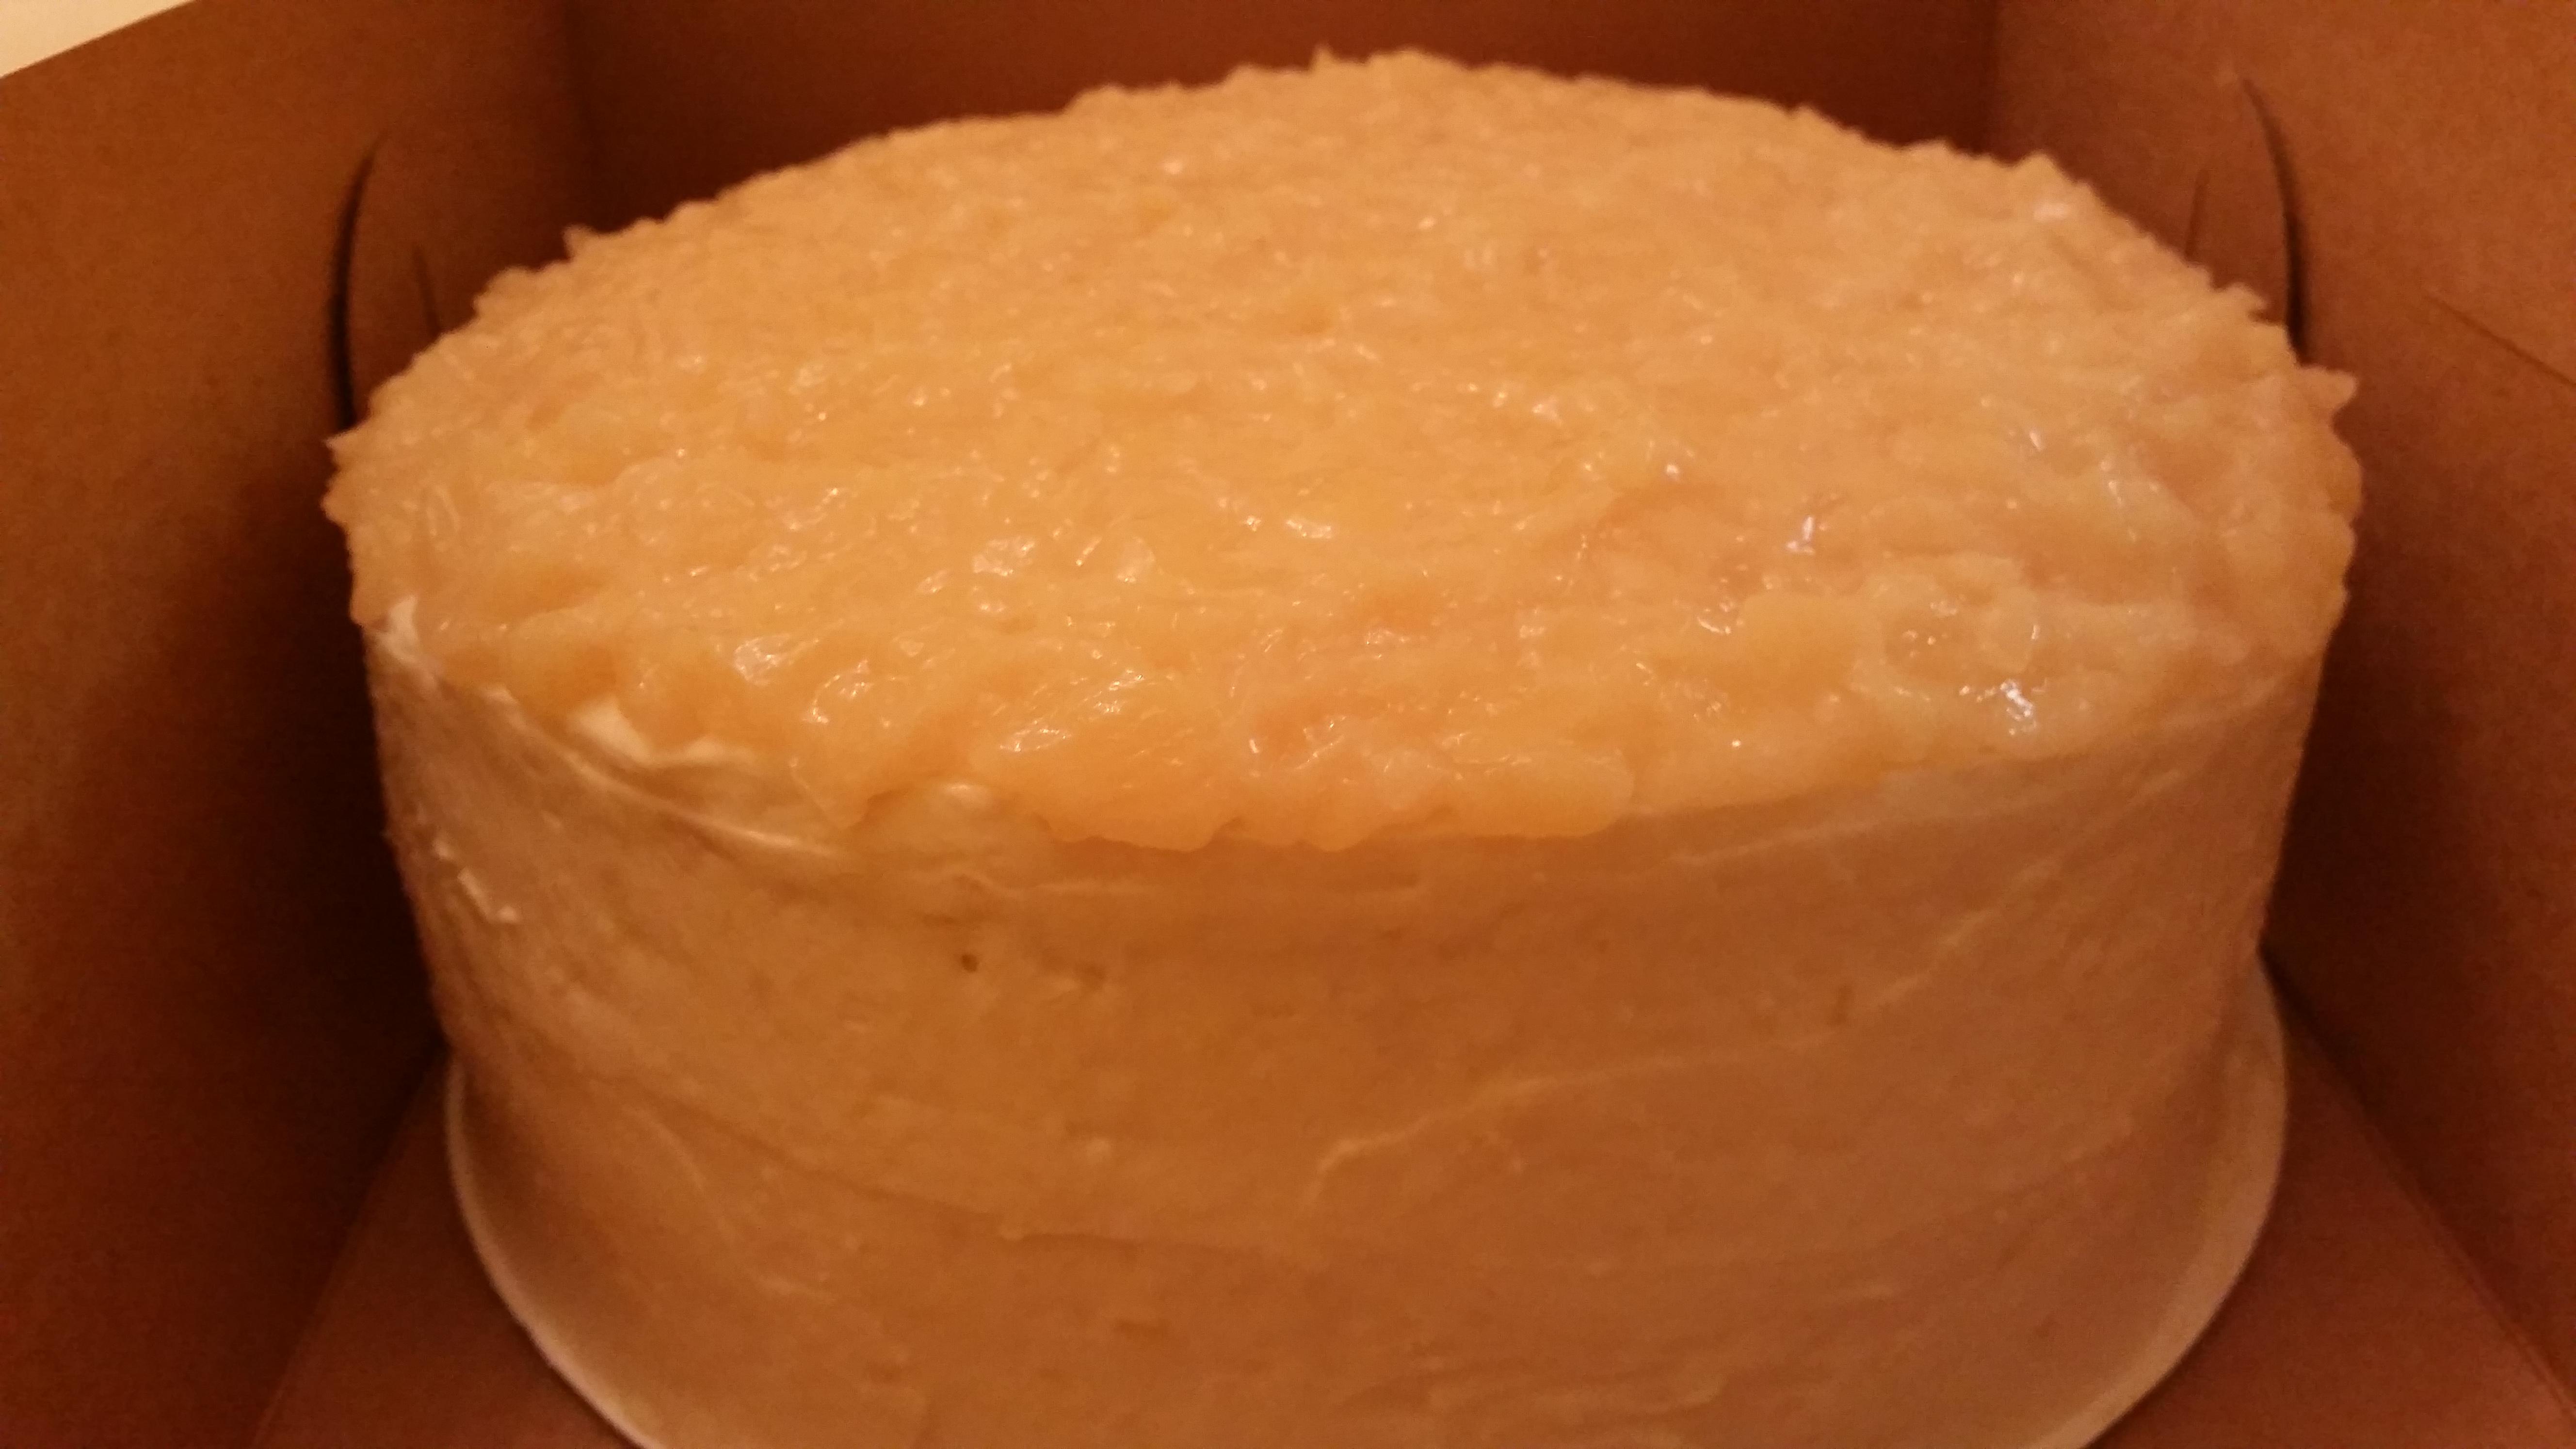 pineapple cake3.jpg